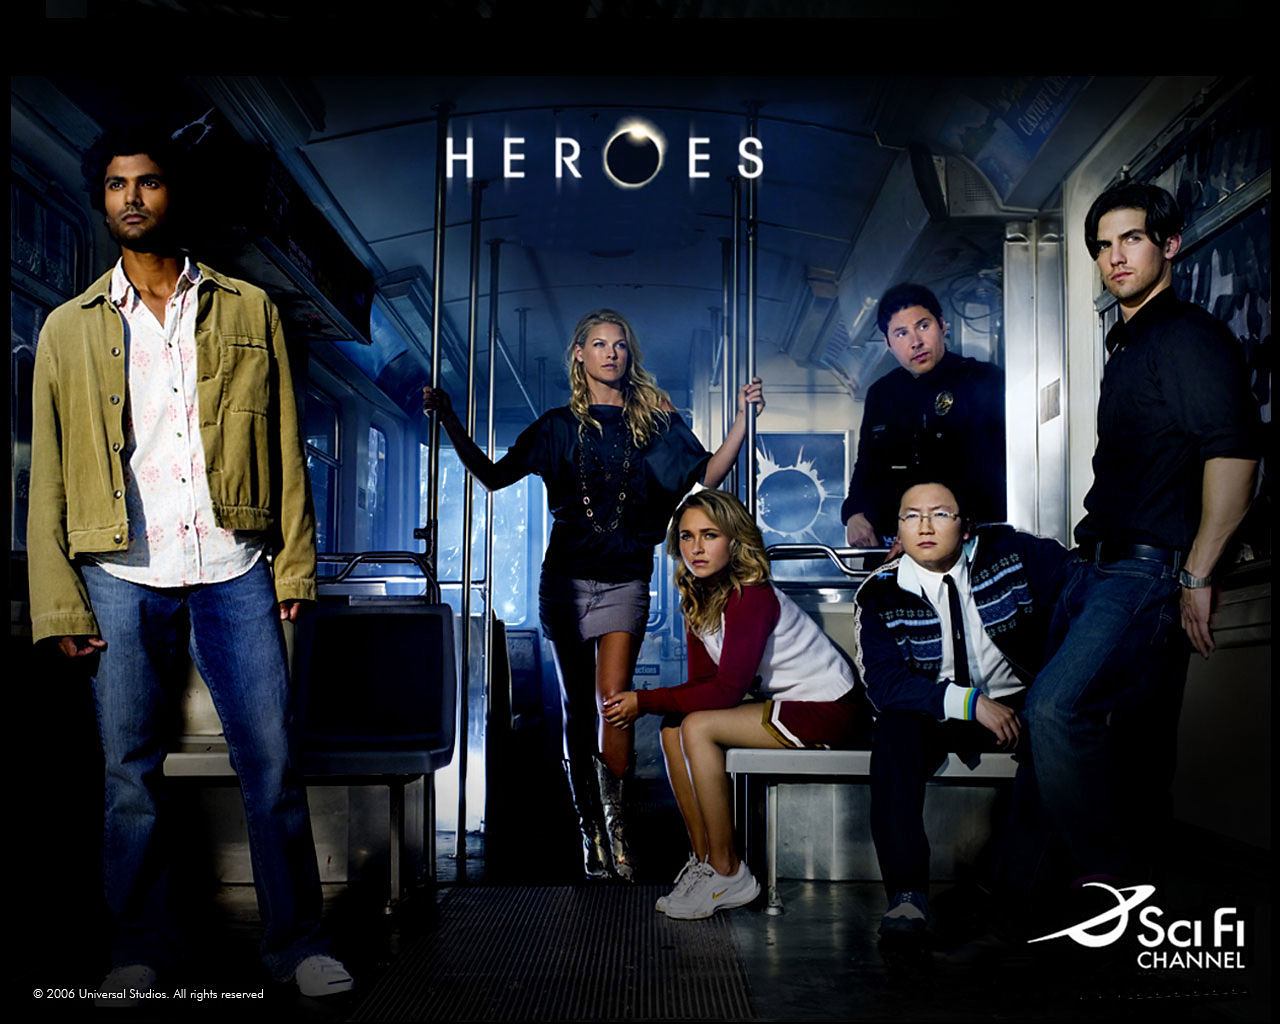 Heroes---SciFi-Network-heroes-39412_1280_1024.jpg